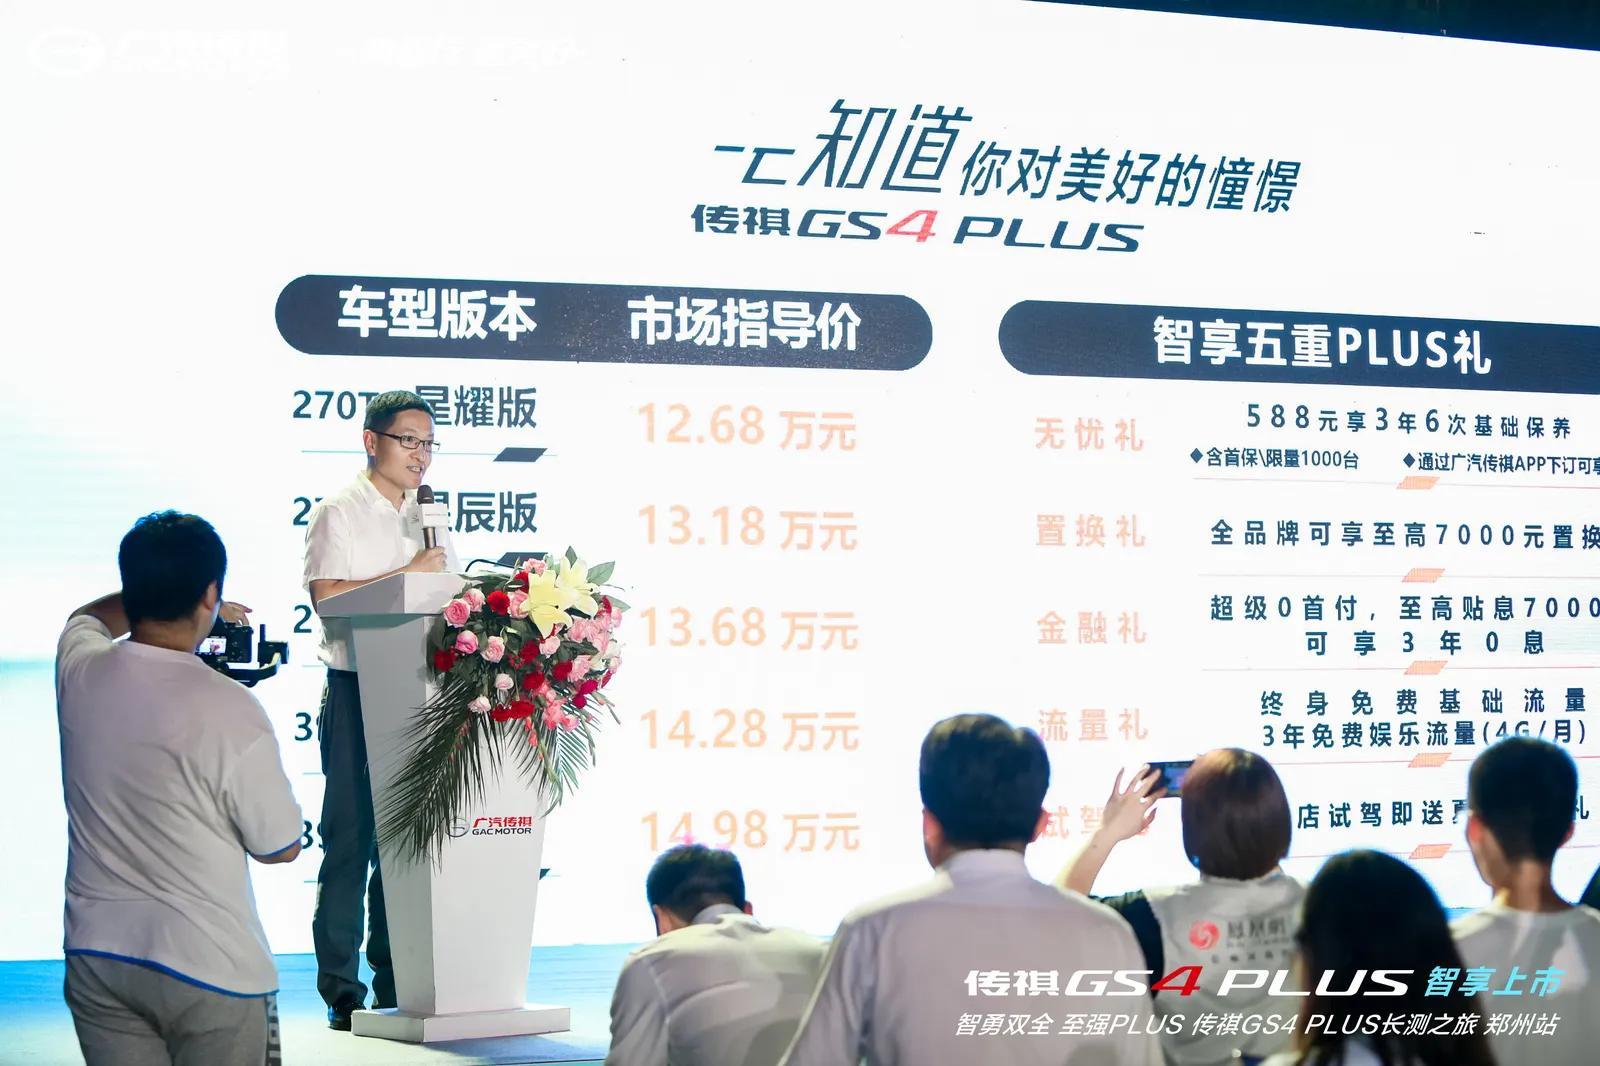 智勇双全 至强PLUS——传祺GS4 PLUS智享上市 郑州站告诉你什么是同级最强PLUS